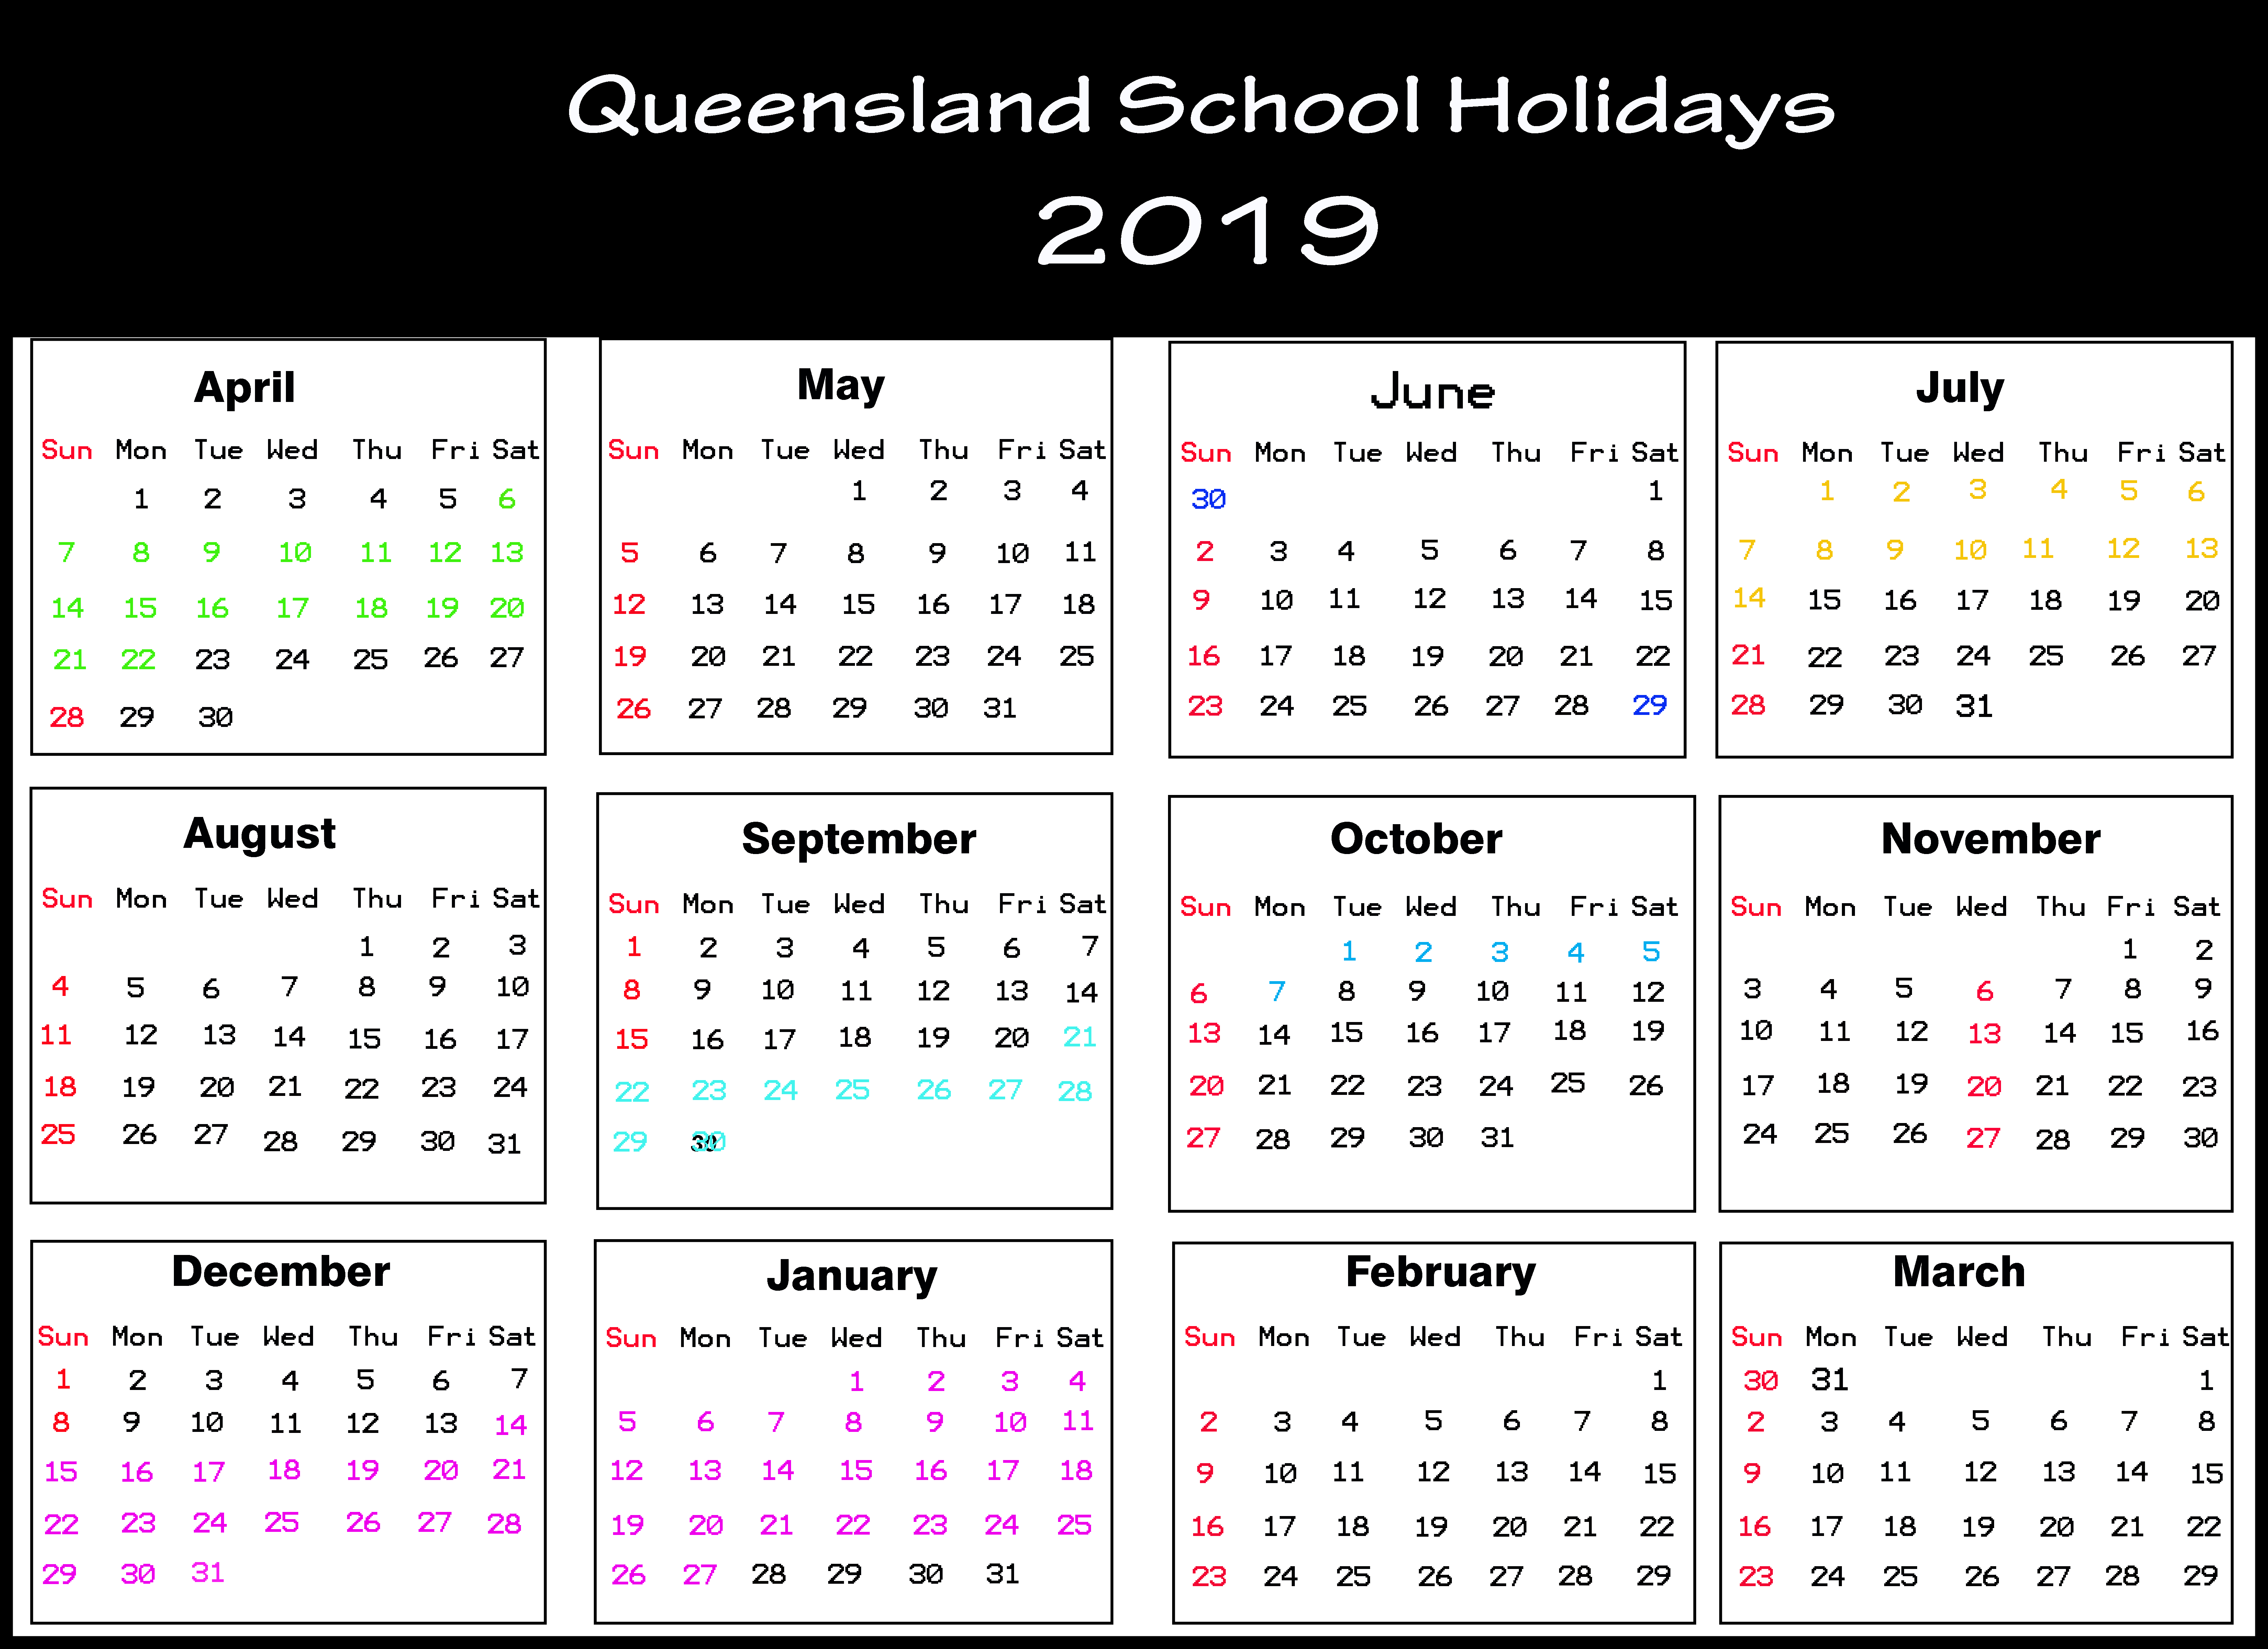 Qld School Holidays Calendar 2019 [Holiday Dates 2019] for Calendar 2020 Qld